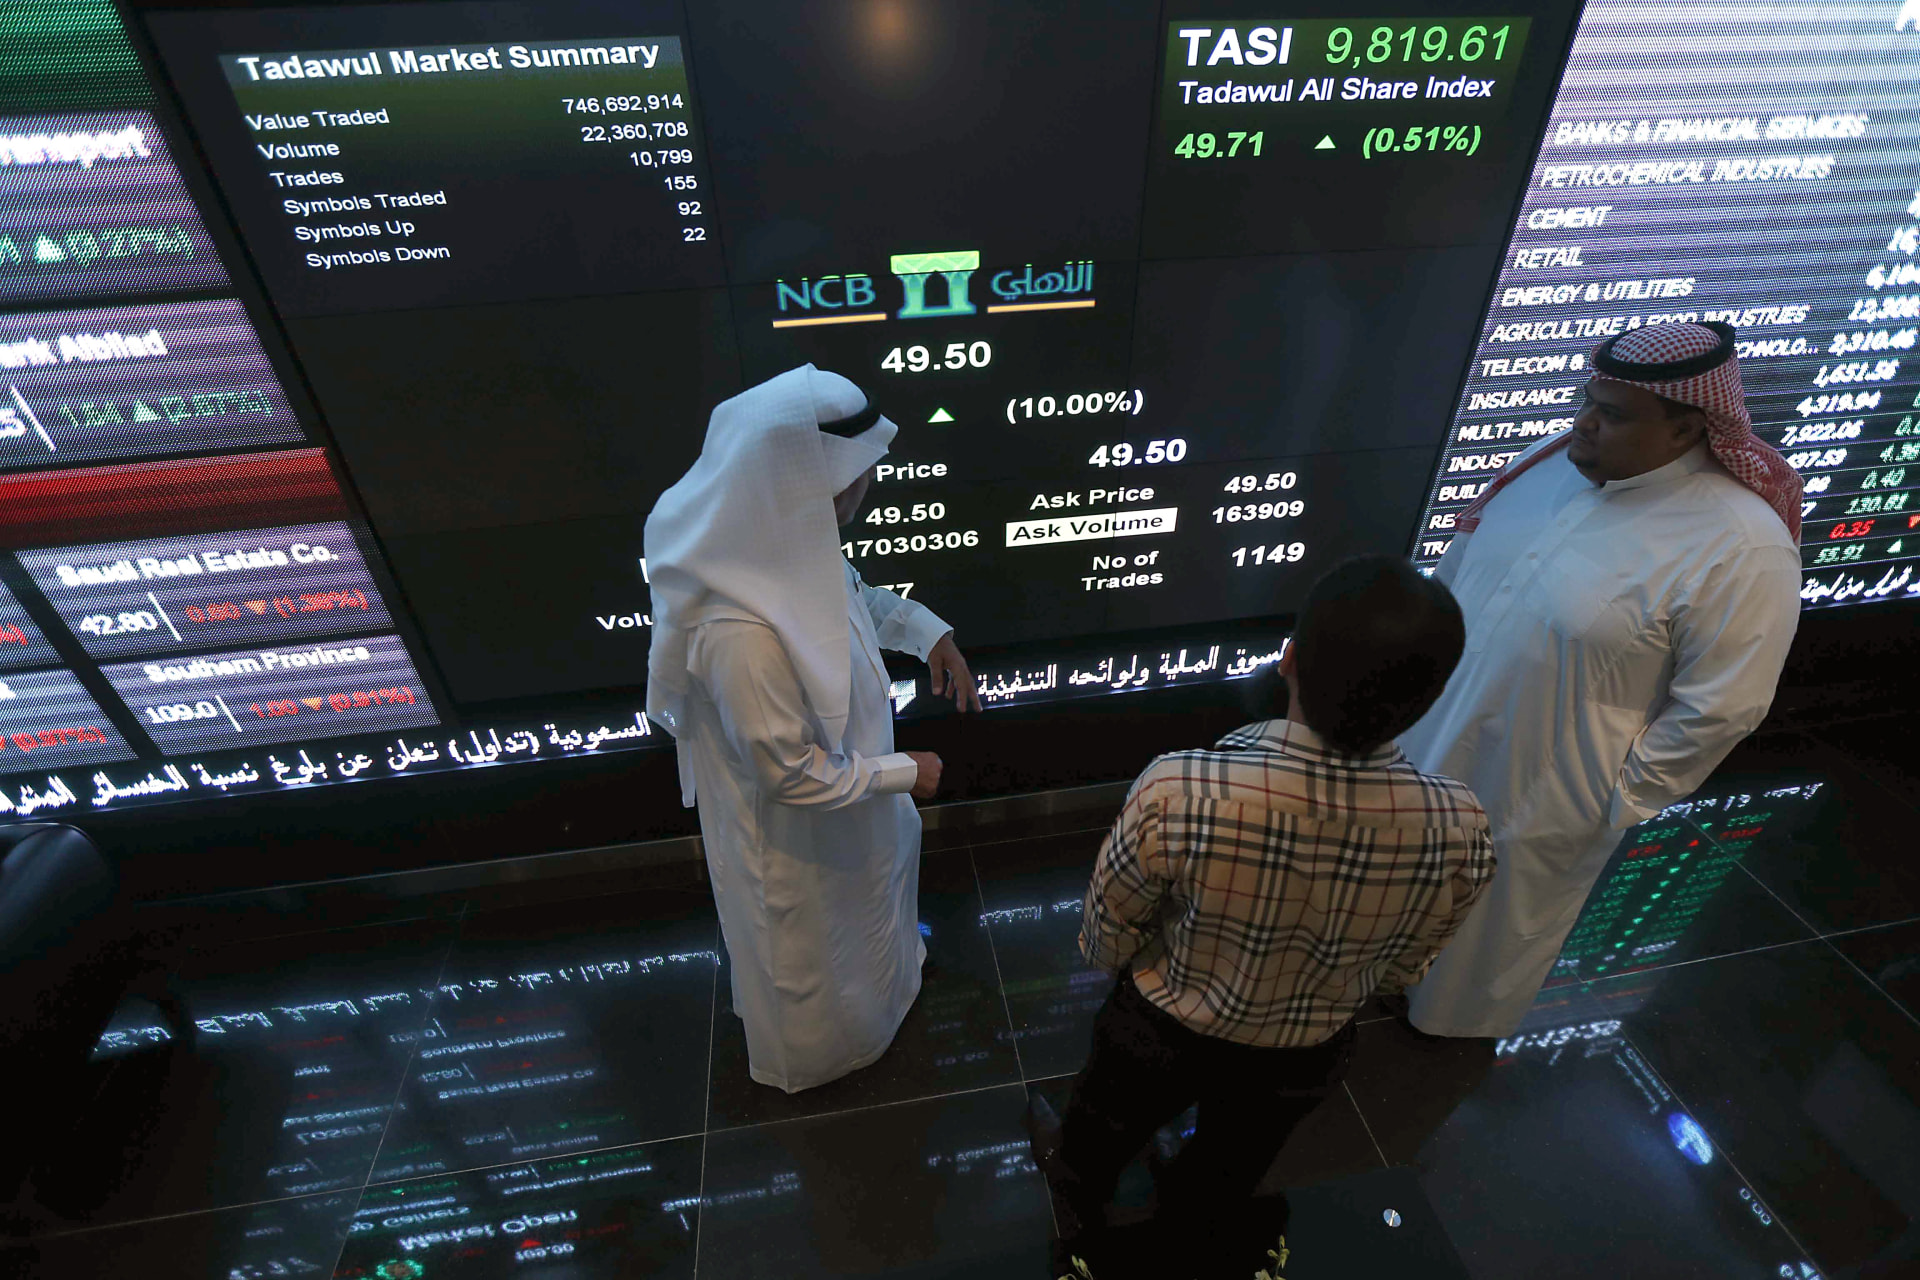 الأسهم السعودية تتكبد 9.6 مليار دولار خسائر في أولى جلسات الأسبوع